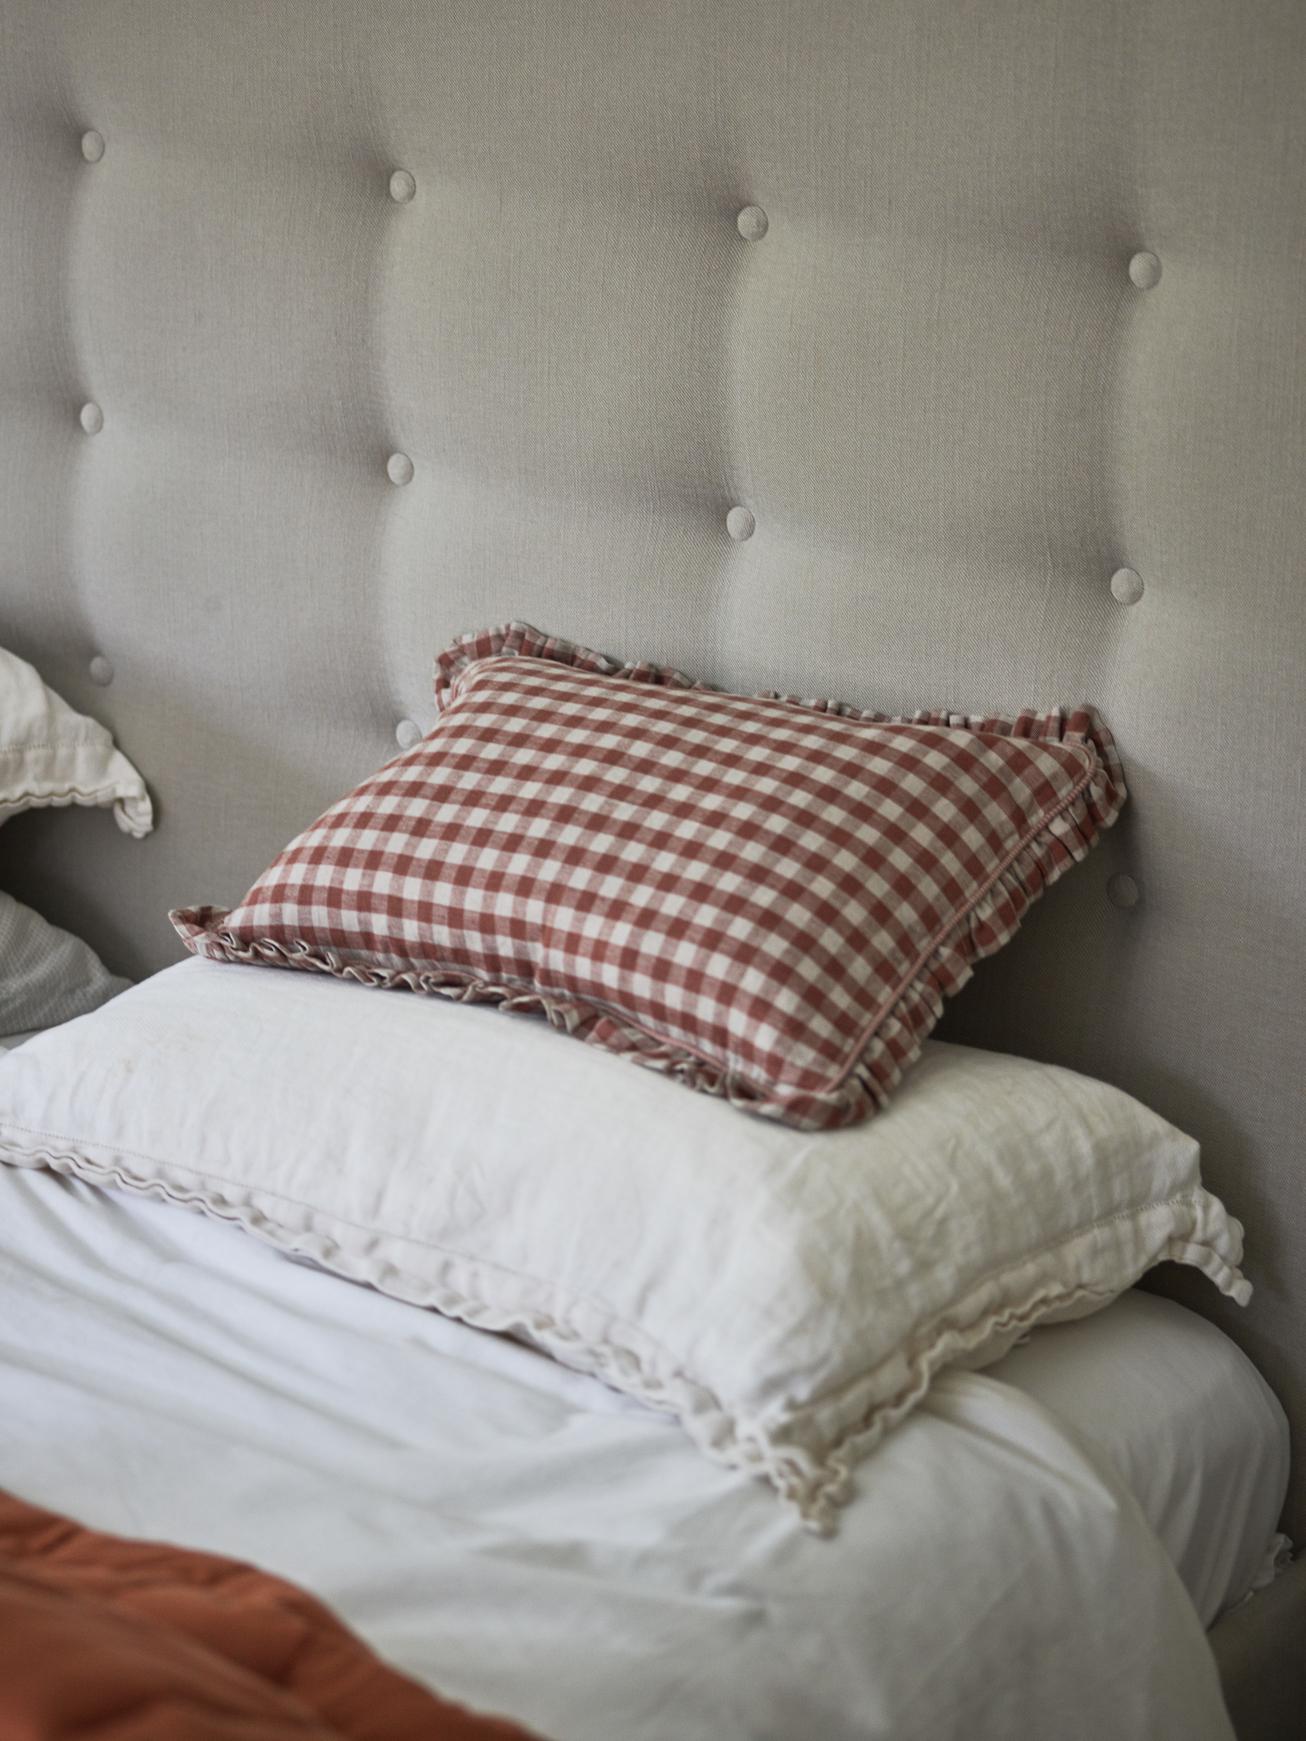 sheet and cushion combos